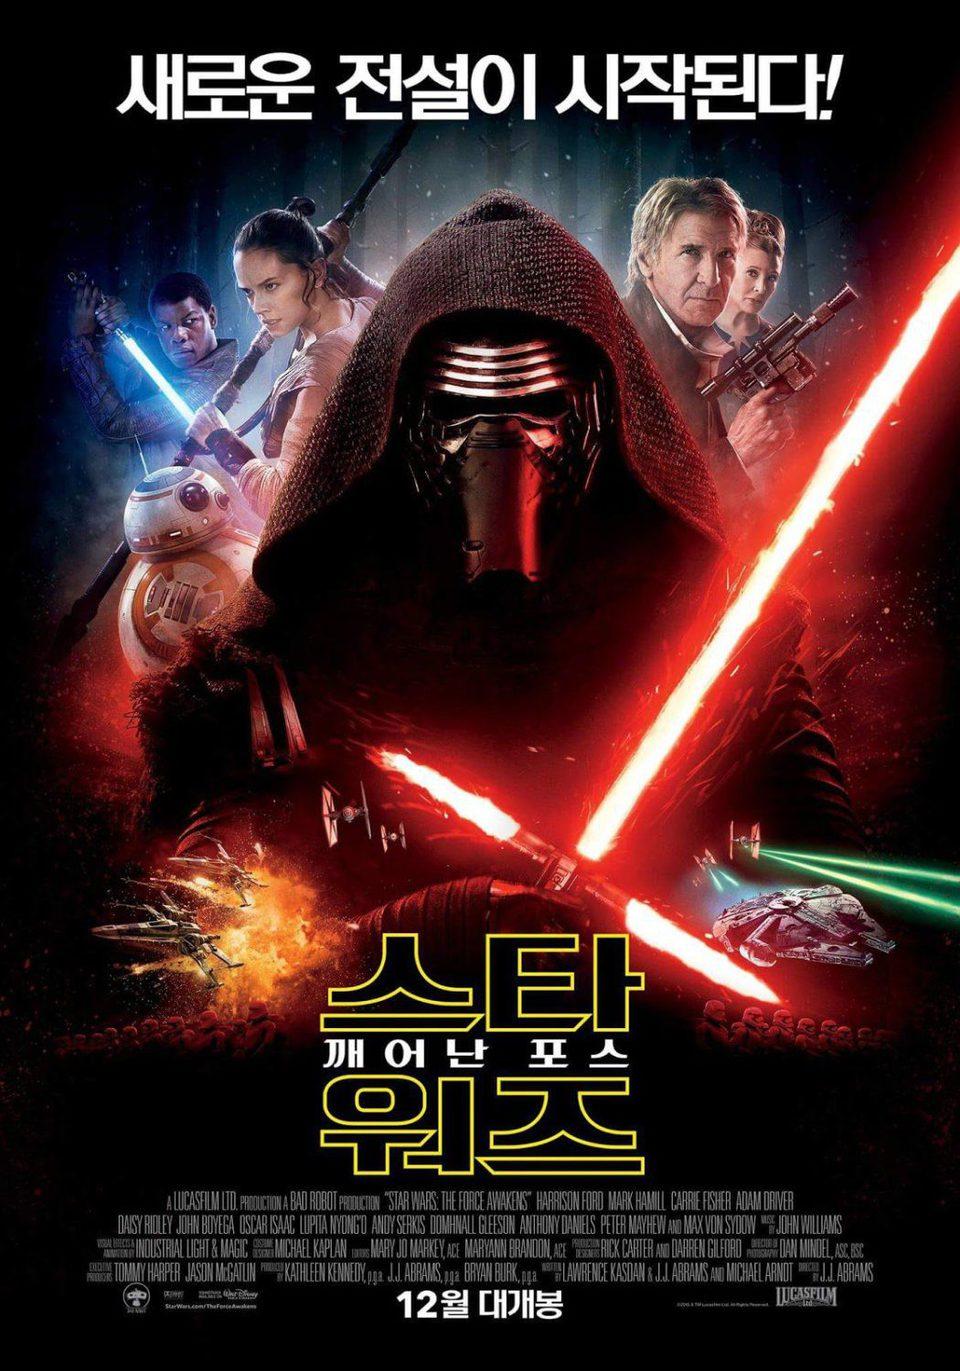 Japón poster for Star Wars: Episode VII - The Force Awakens